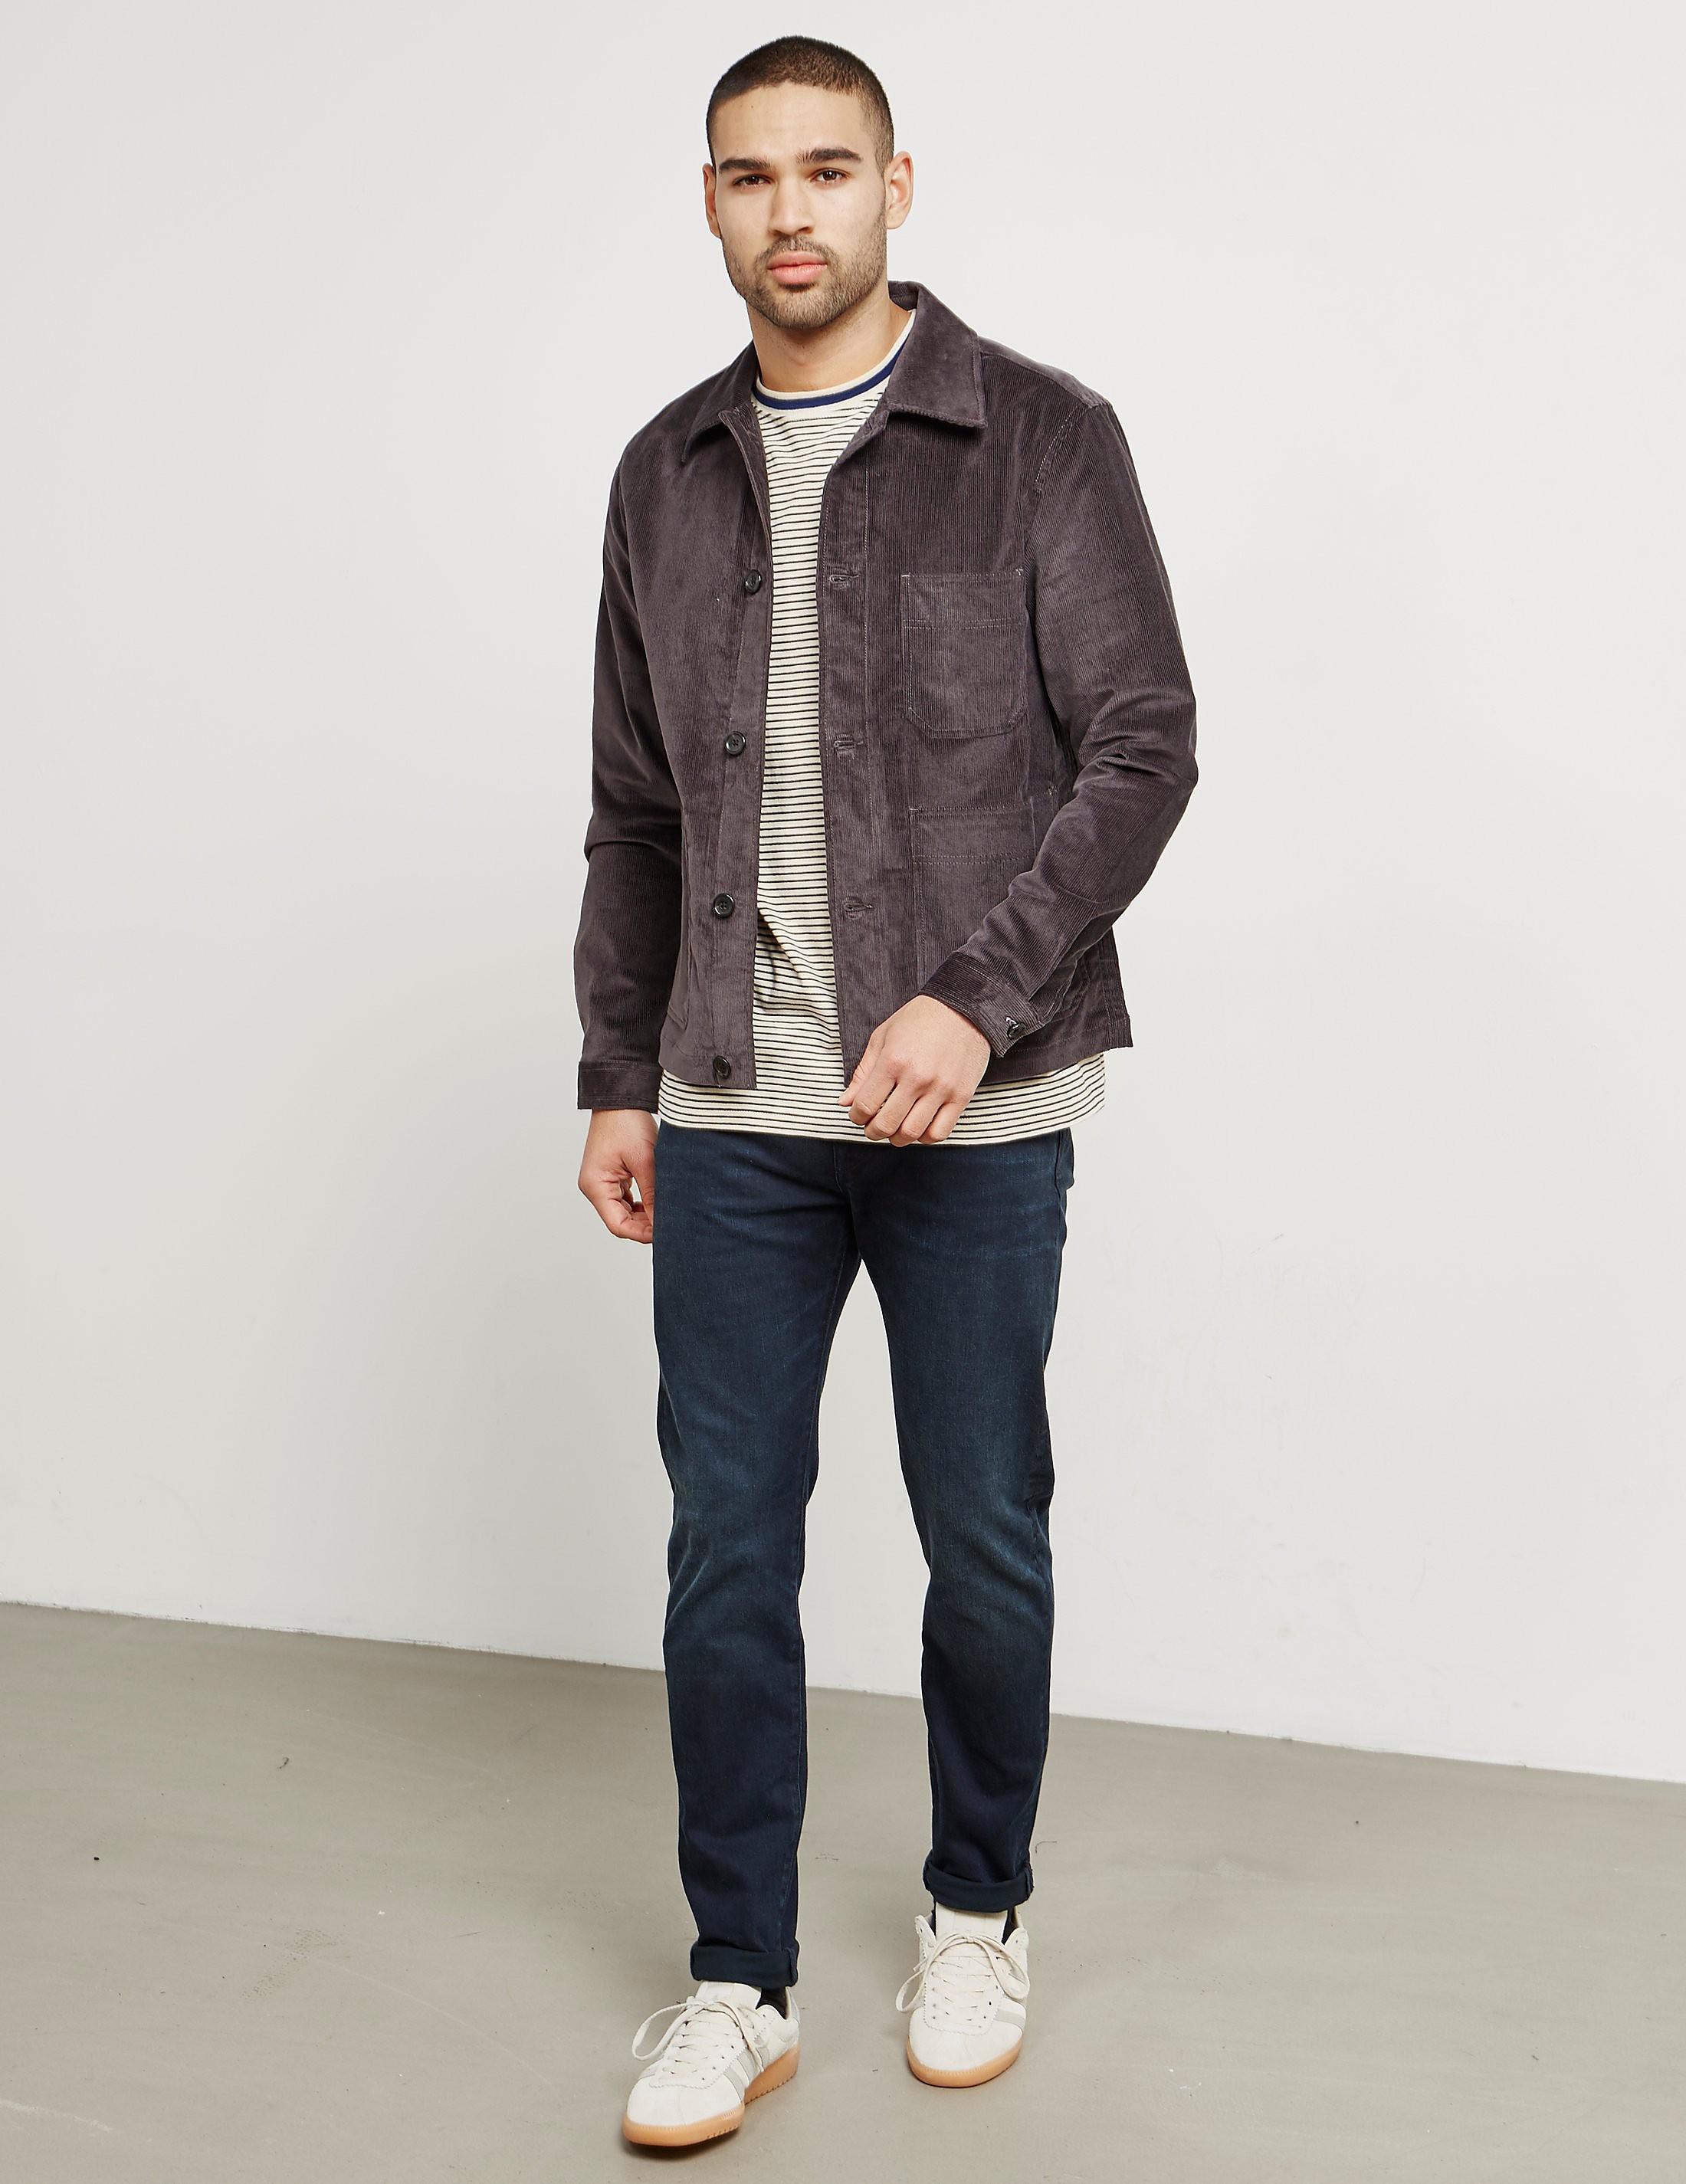 Paul Smith Corduroy Work Jacket